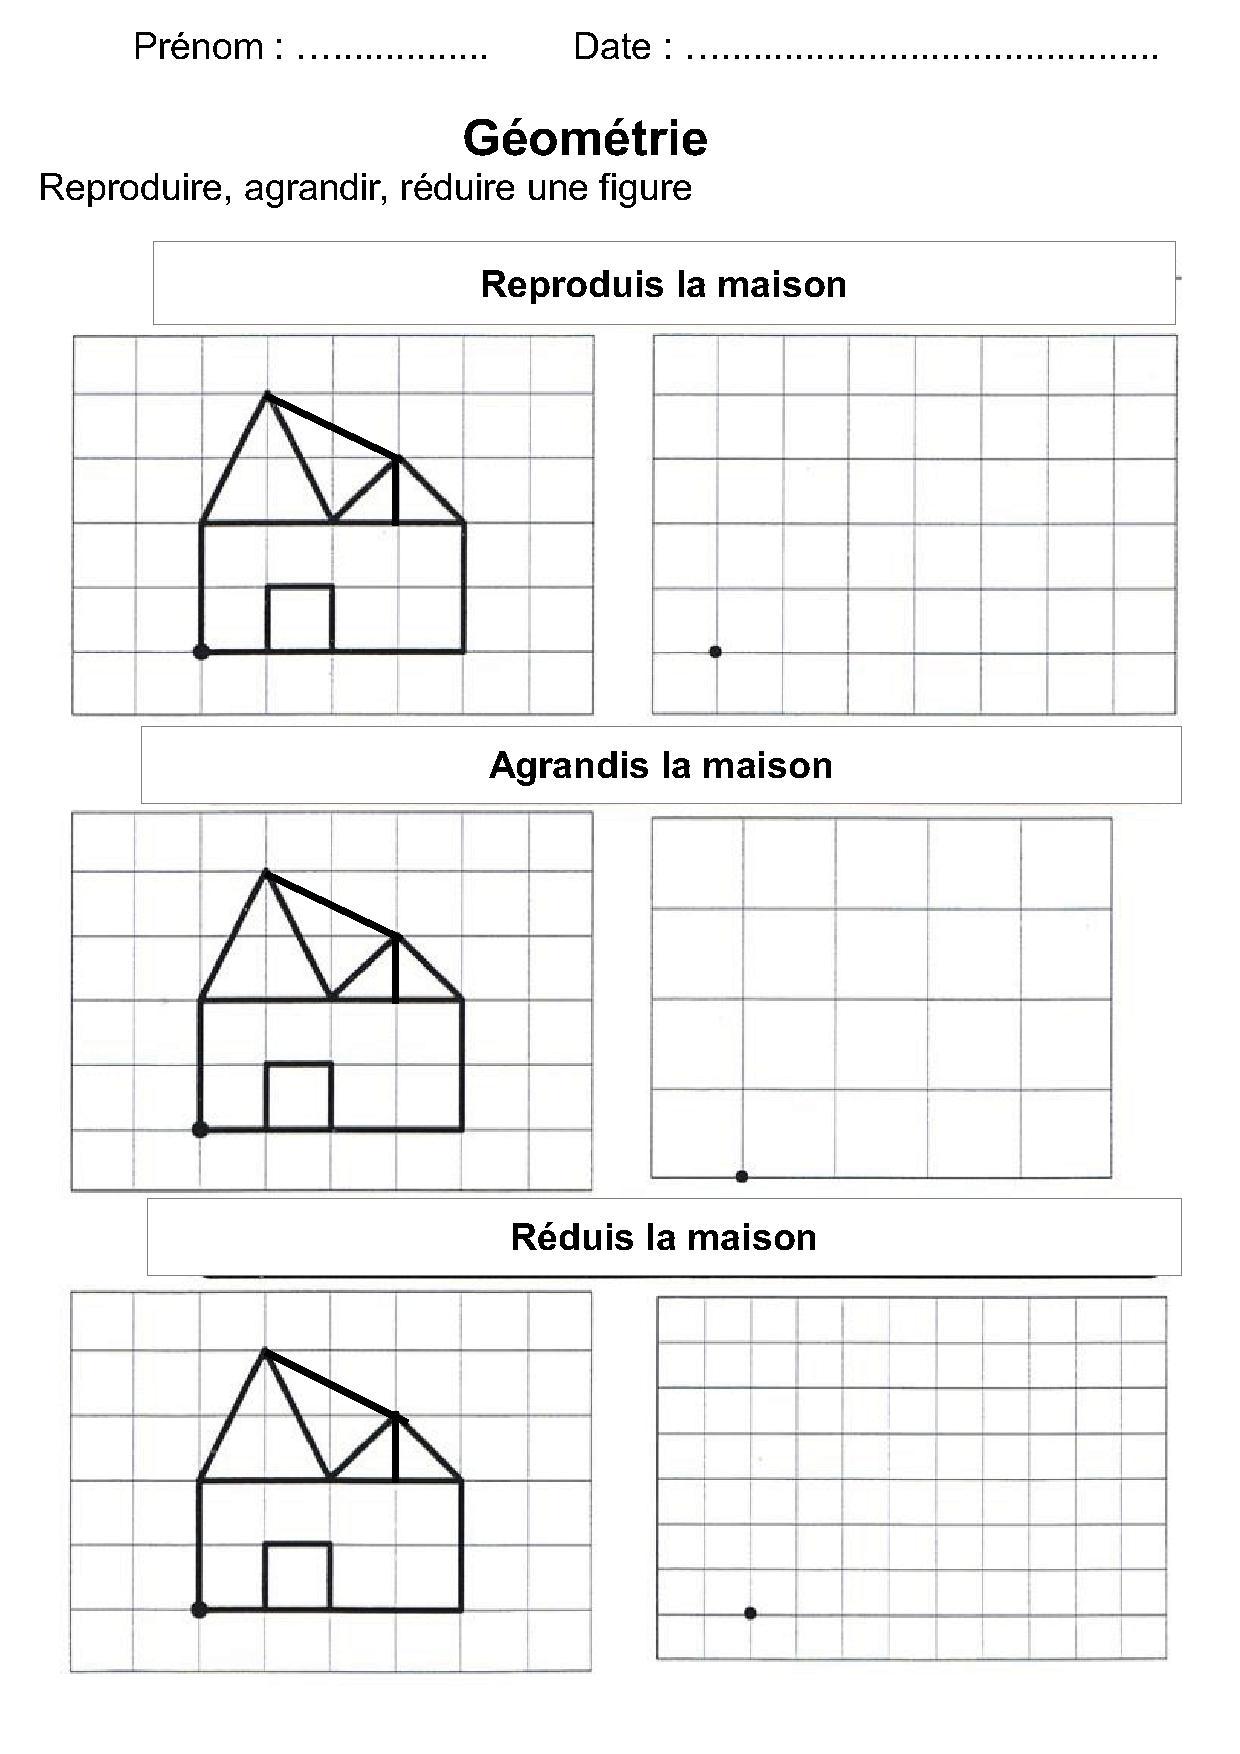 Géométrie Ce1,ce2,la Symétrie,reproduire Une Figure dedans Fiche Géométrie Cp